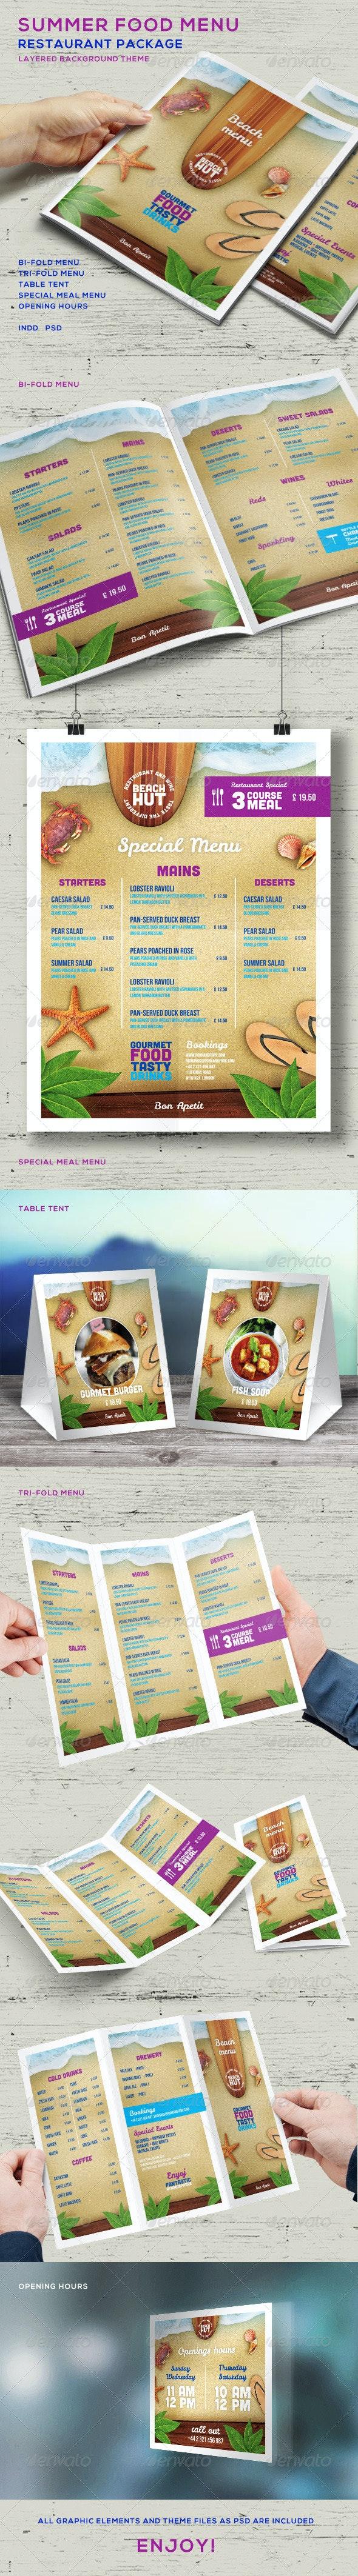 Summer Food Menu - Restaurant Package - Food Menus Print Templates